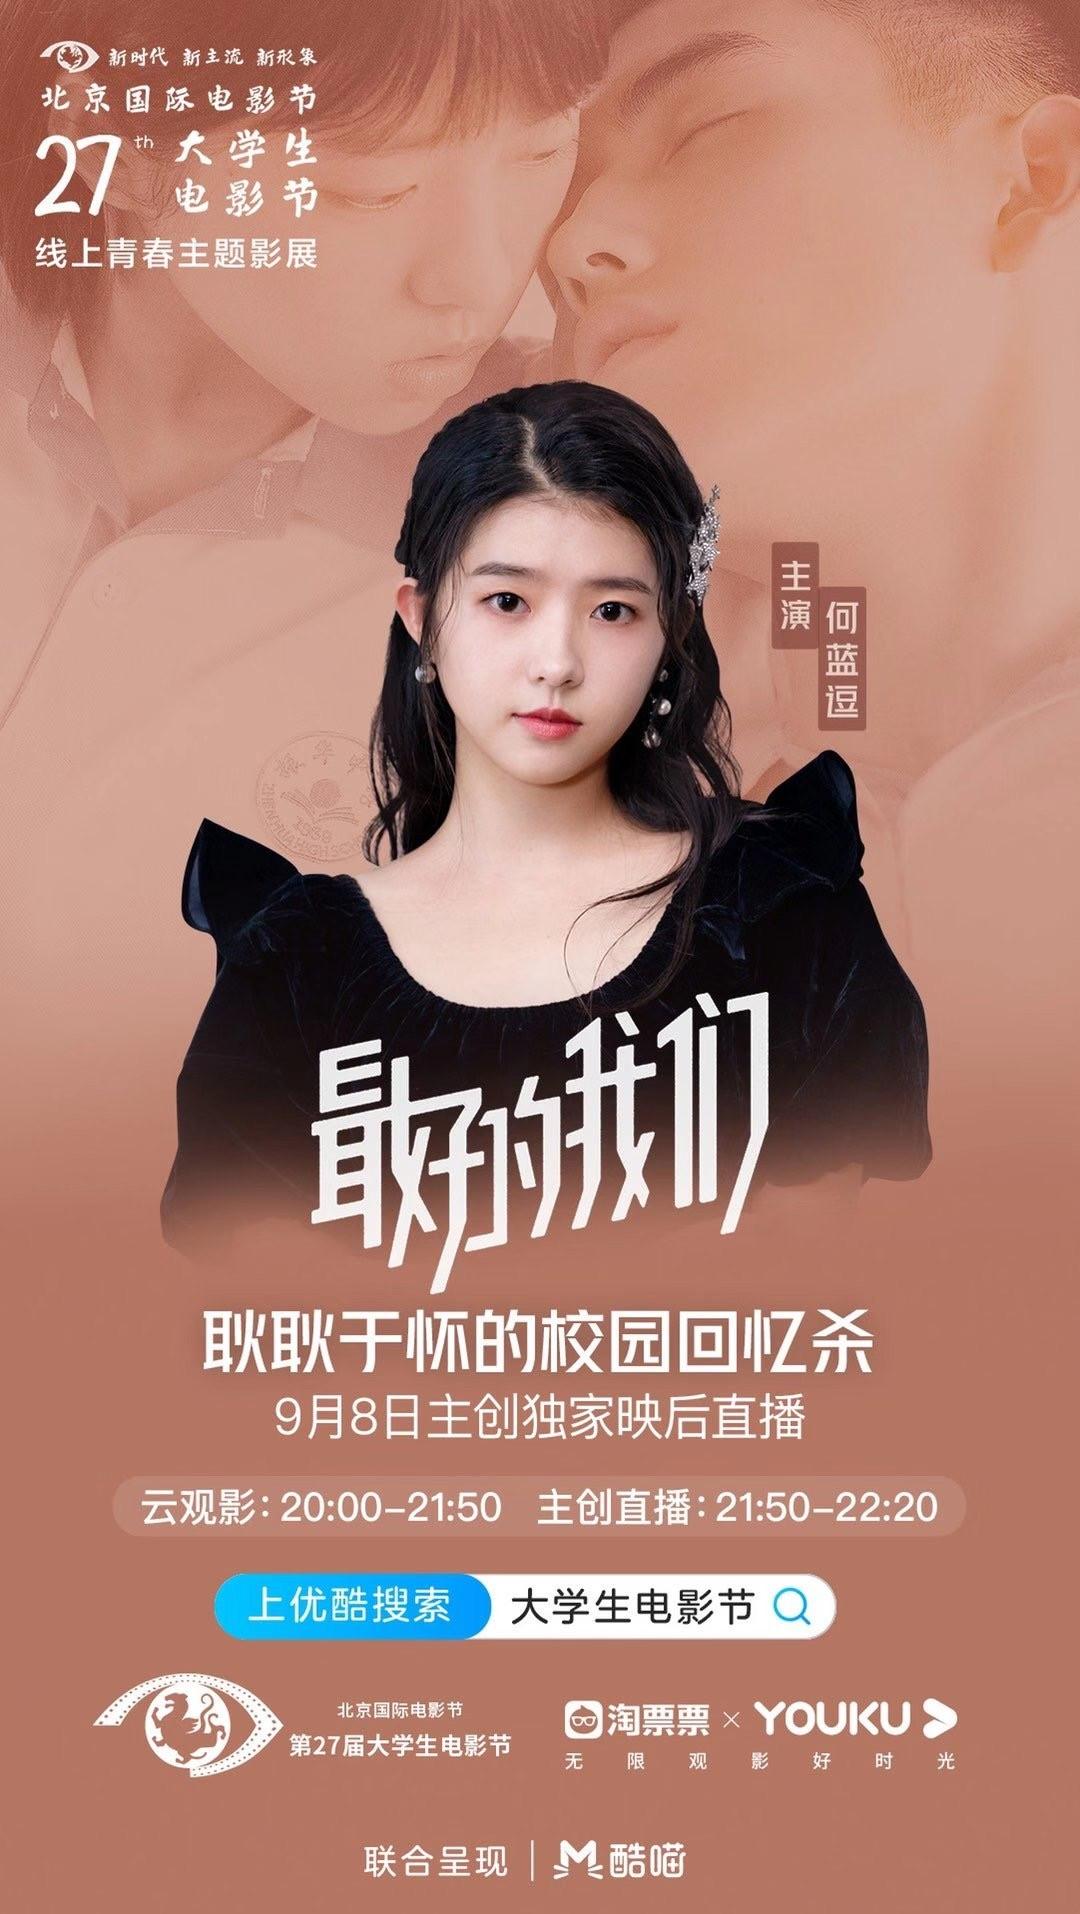 北京大学生电影节 何蓝逗直播解读《最好的我们》